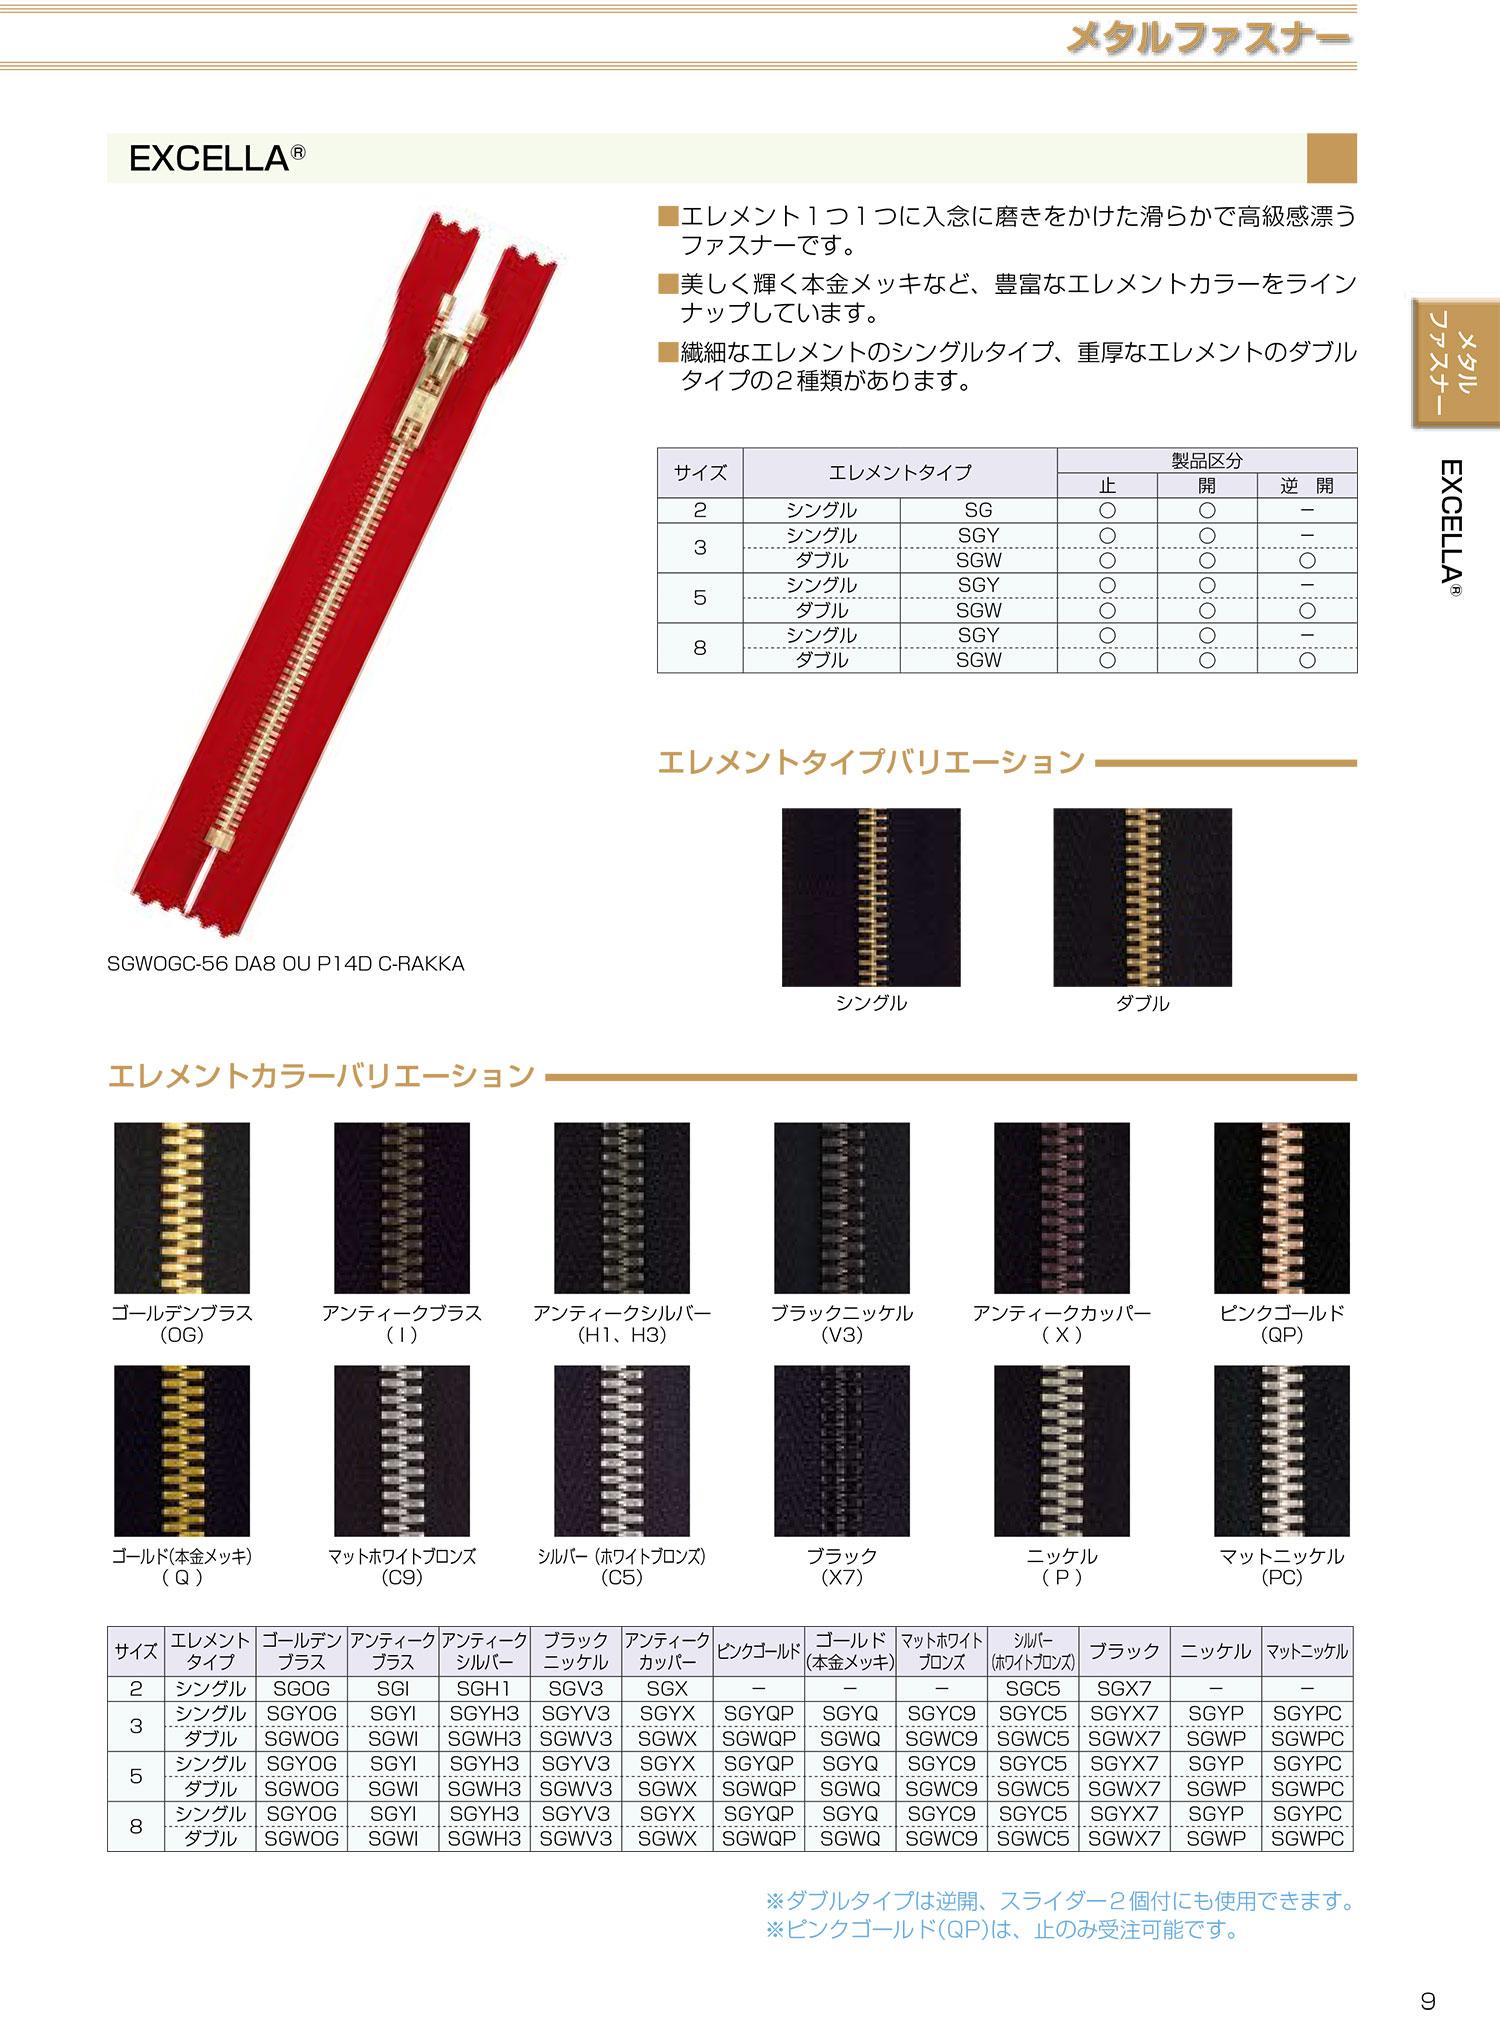 8SGWQPC エクセラ 8サイズ ピンクゴールド 止め ダブル[ファスナー] YKK/オークラ商事 - ApparelX アパレル資材卸通販